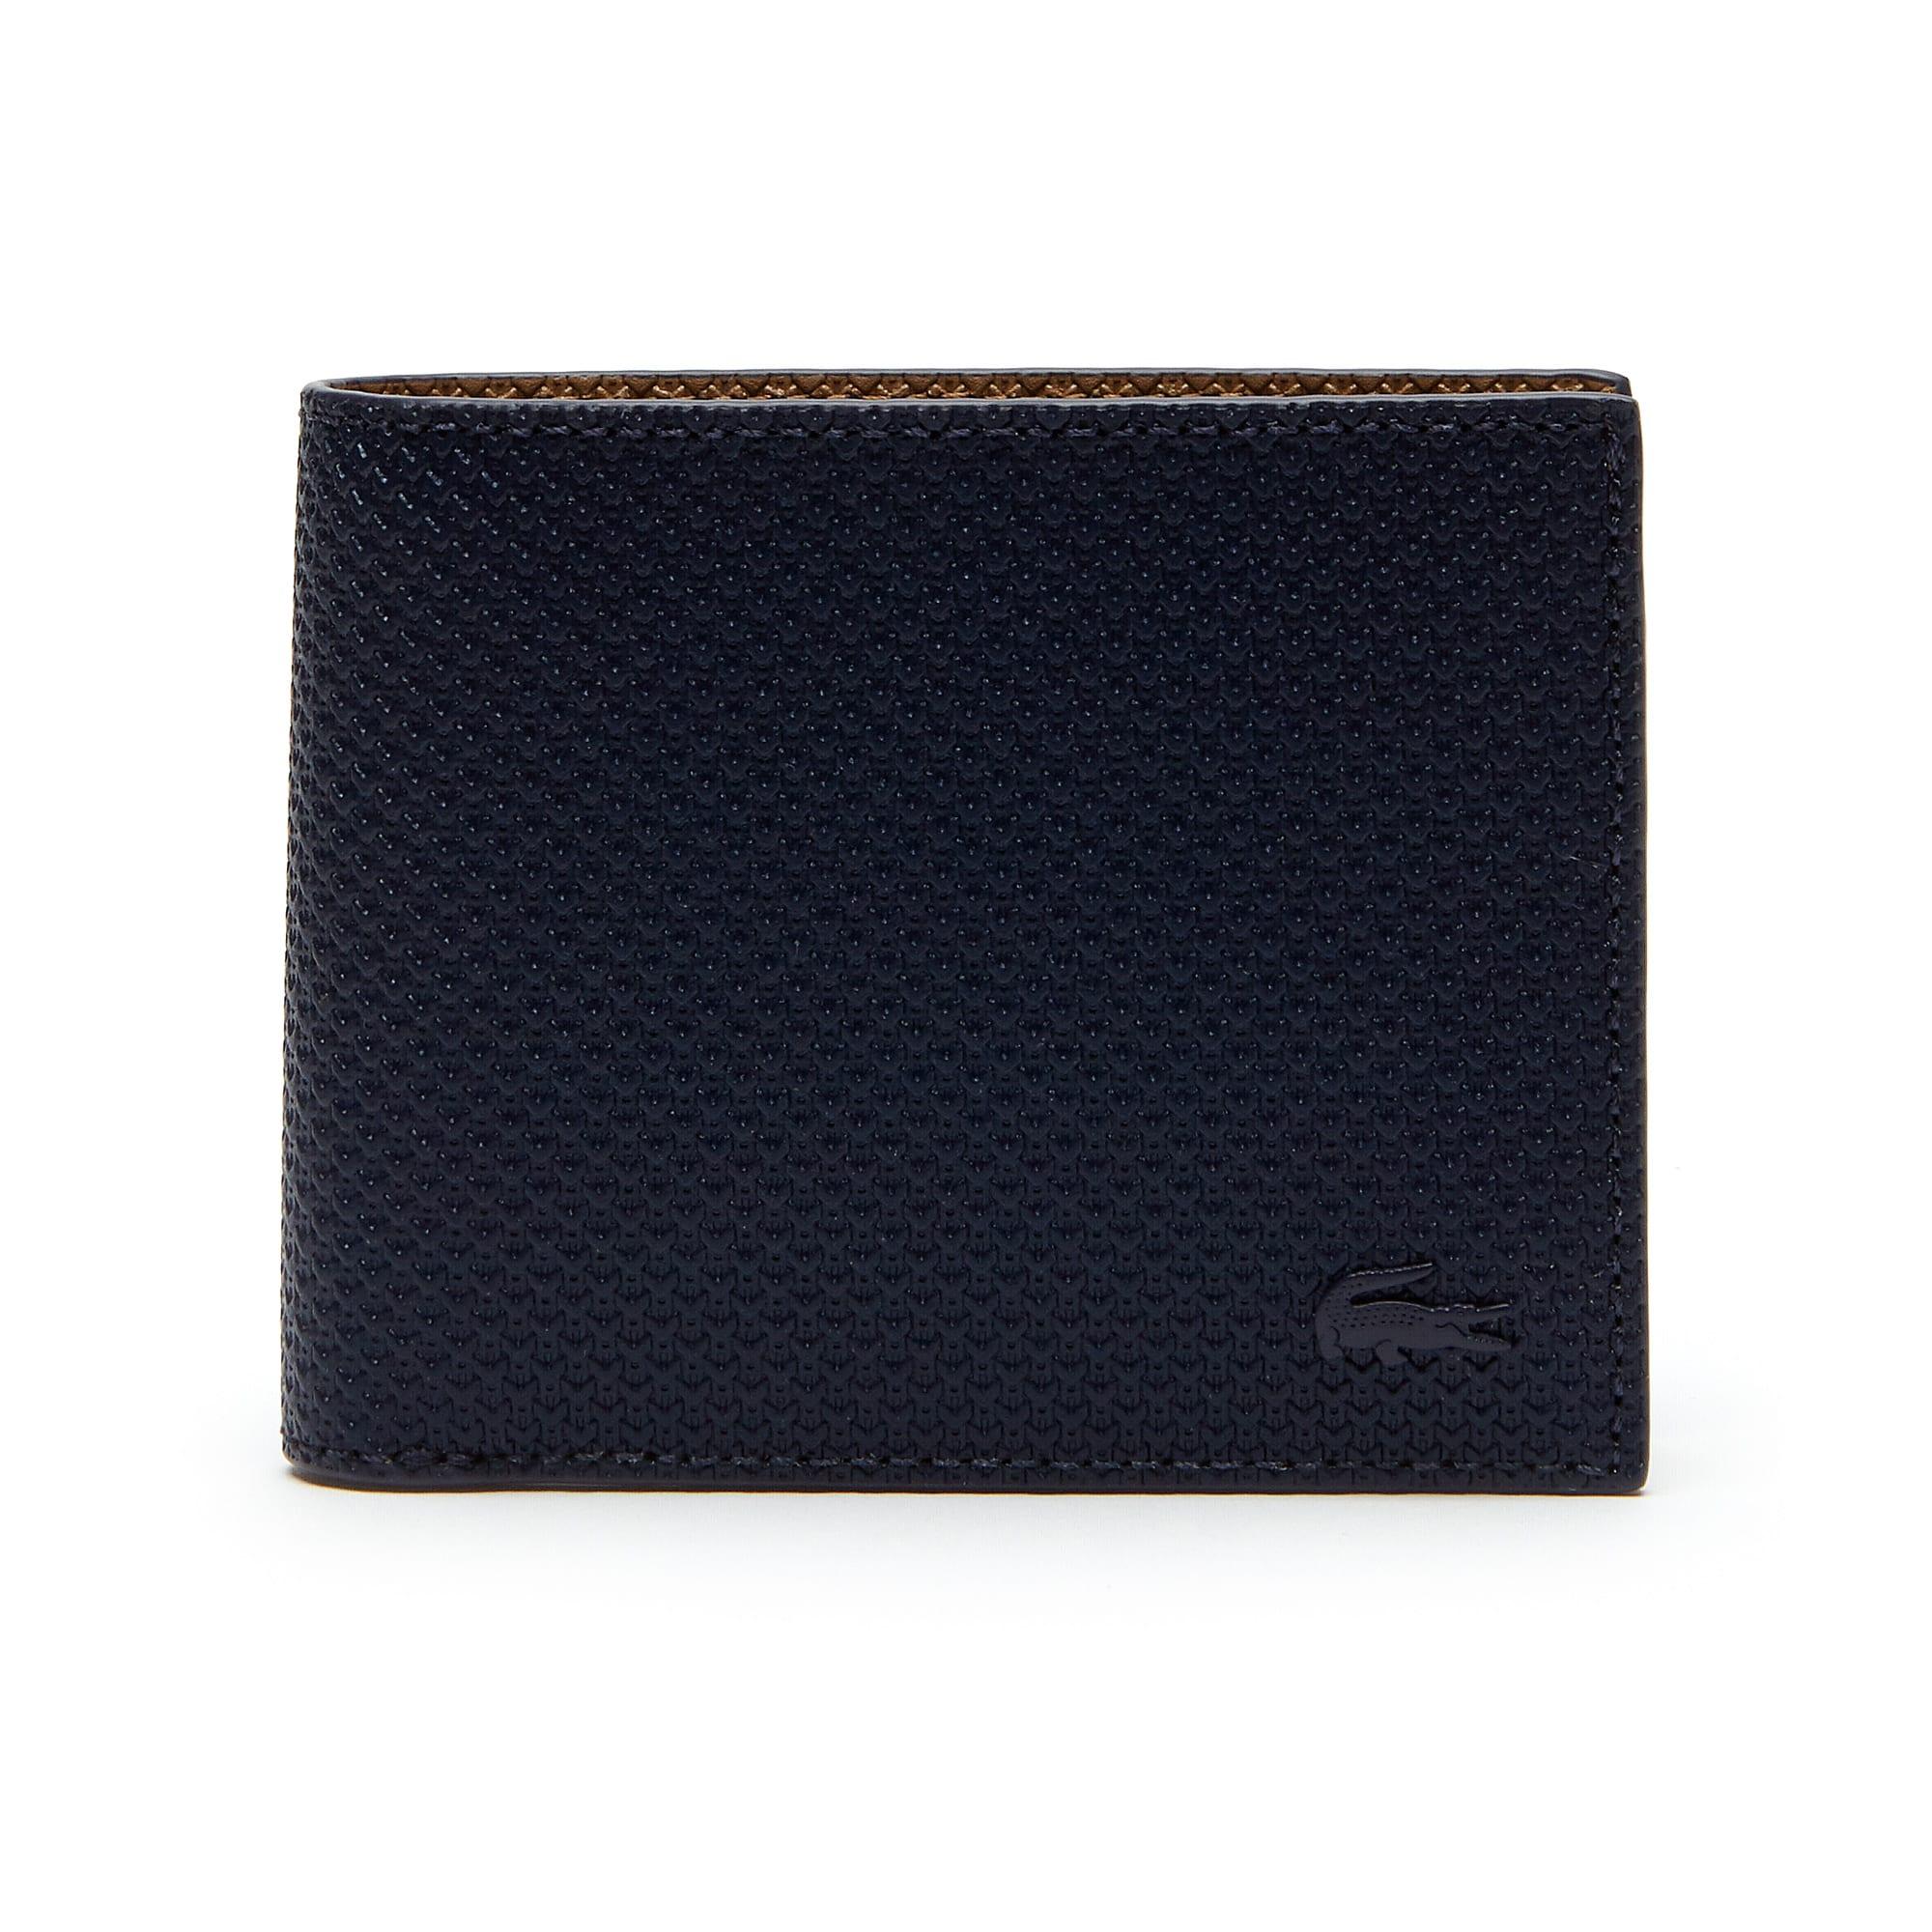 Herren Chantaco Flache Brieftasche Beschichtetes Leder Einfarbig